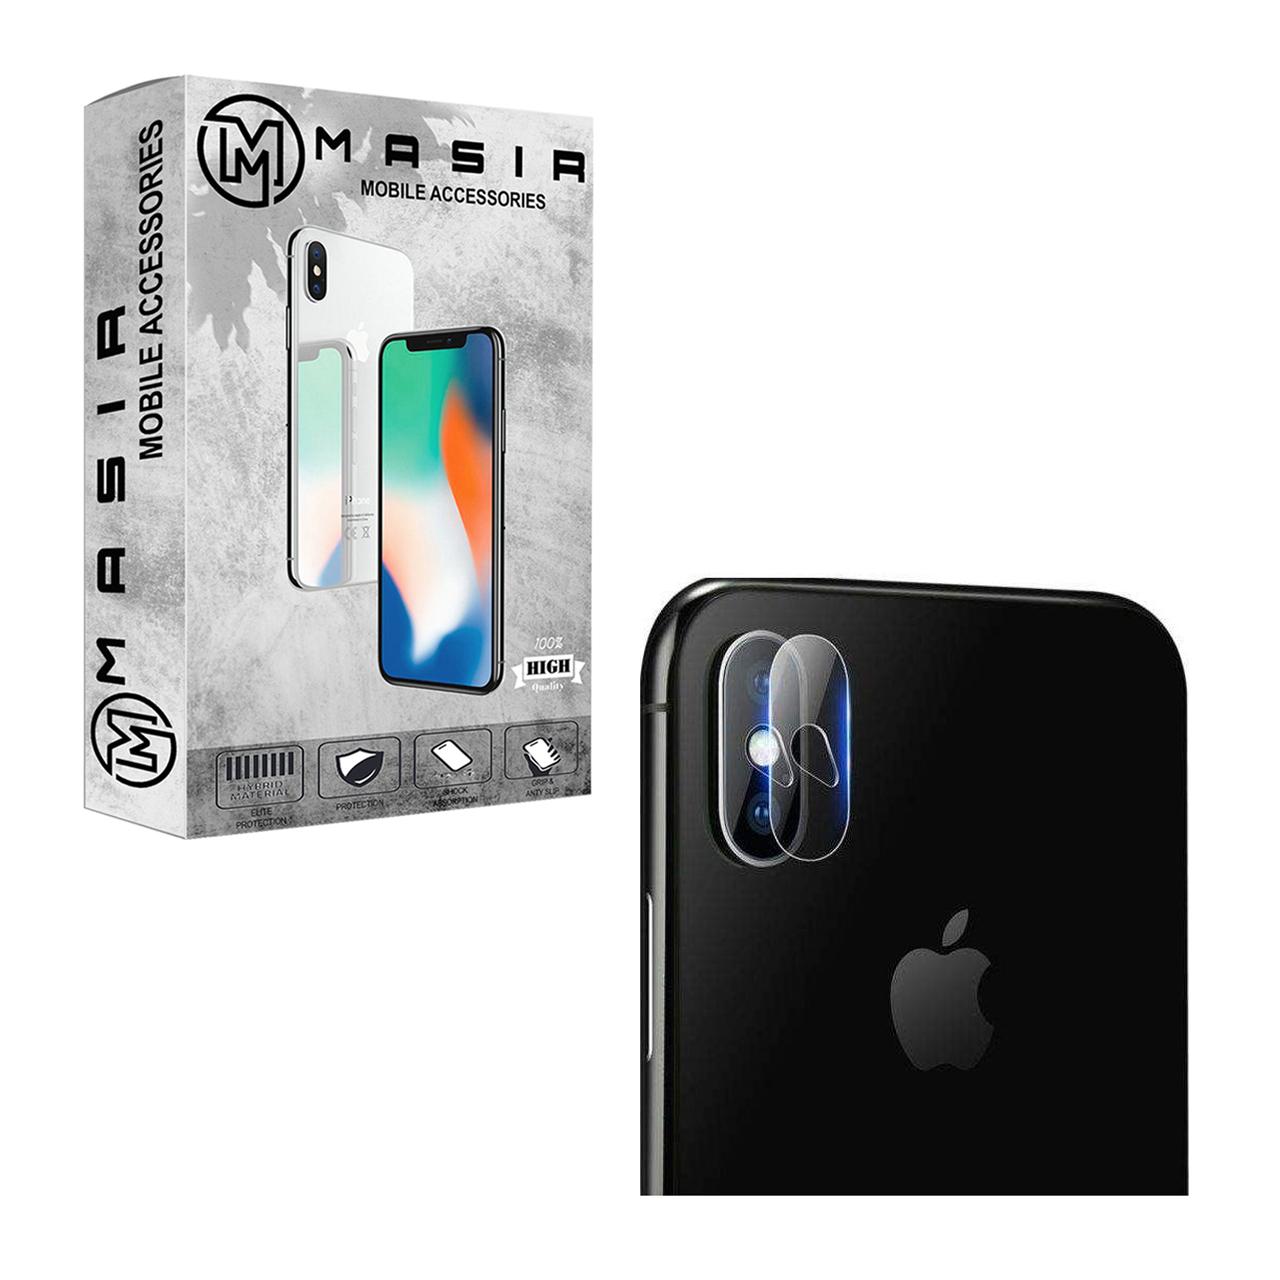 محافظ لنز دوربین مسیر مدل MGLNZ مناسب برای گوشی موبایل موبایل اپل Iphone XS MAX